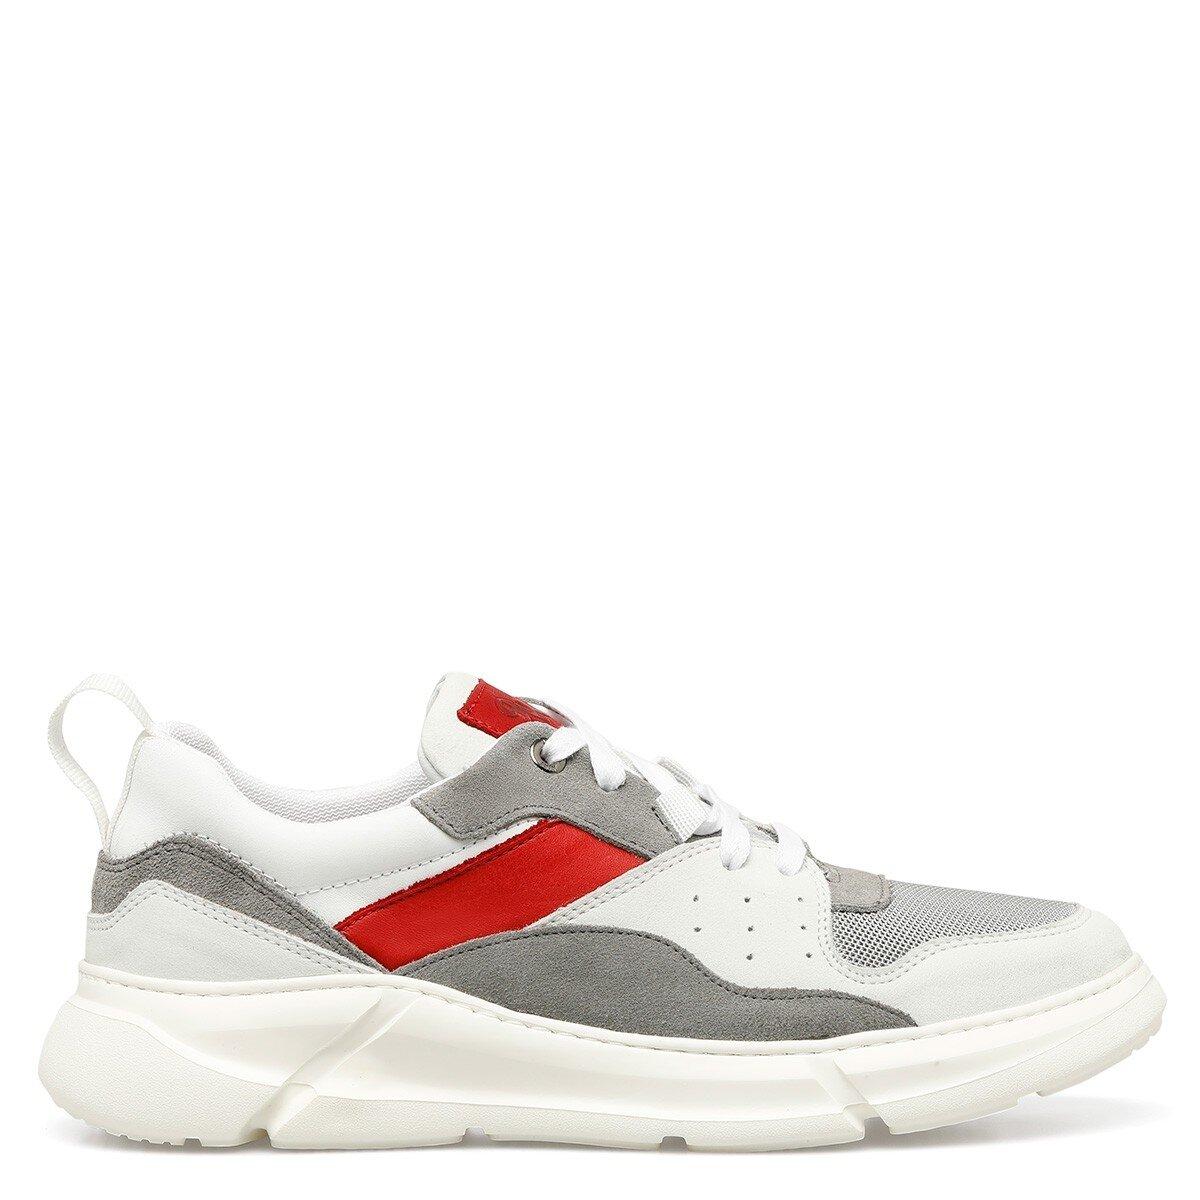 PONKA 1FX Beyaz Erkek Spor Ayakkabı